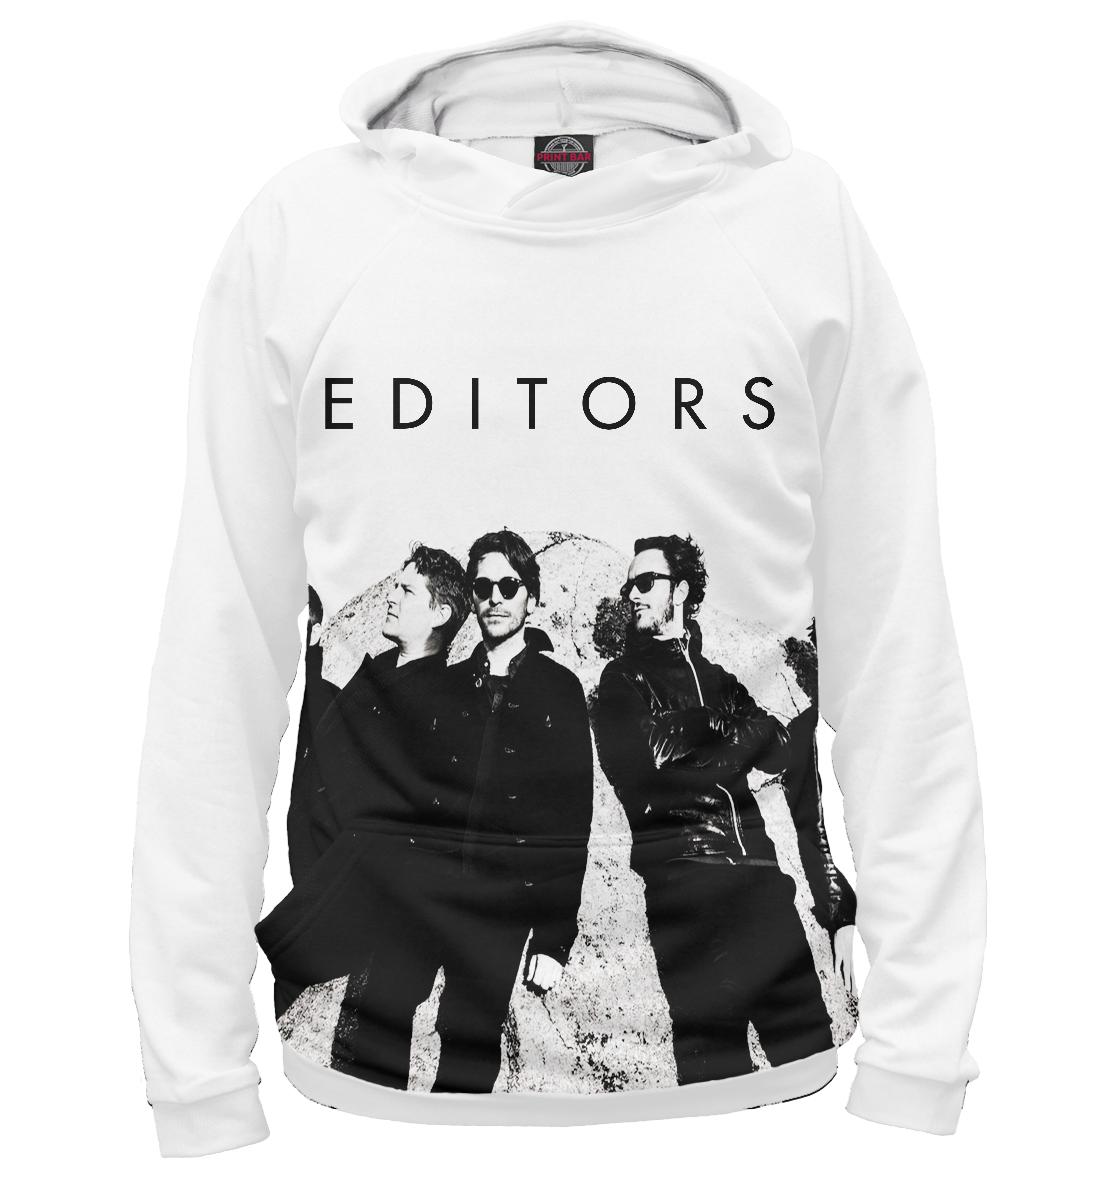 Купить Editors, Printbar, Худи, MZK-688616-hud-1